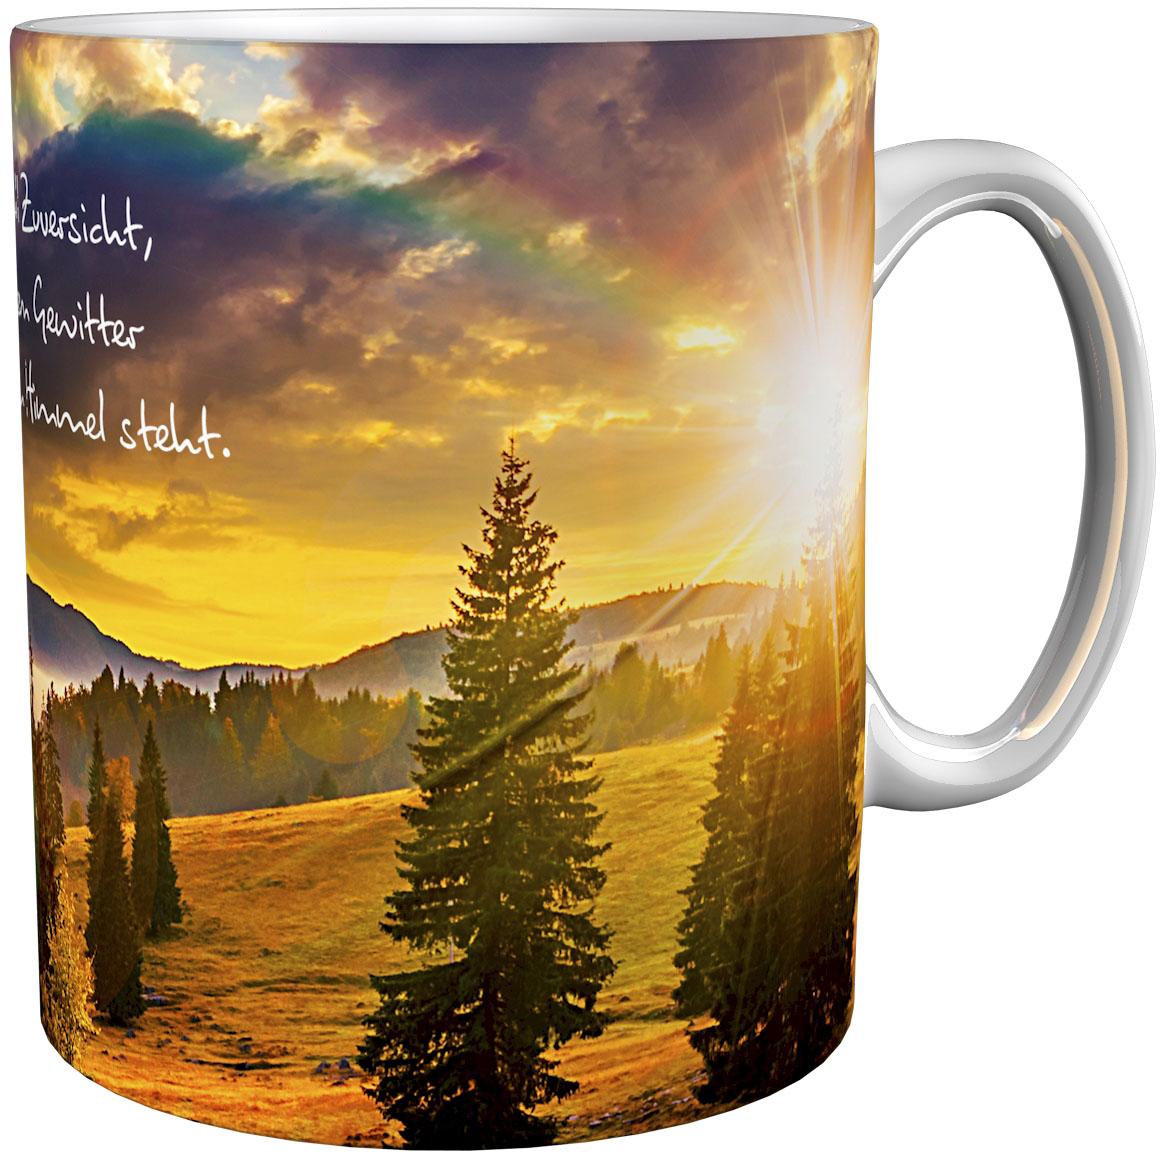 Kaffeetasse / Kaffeebecher / Landschaft / Regenbogen / Geschenktasse